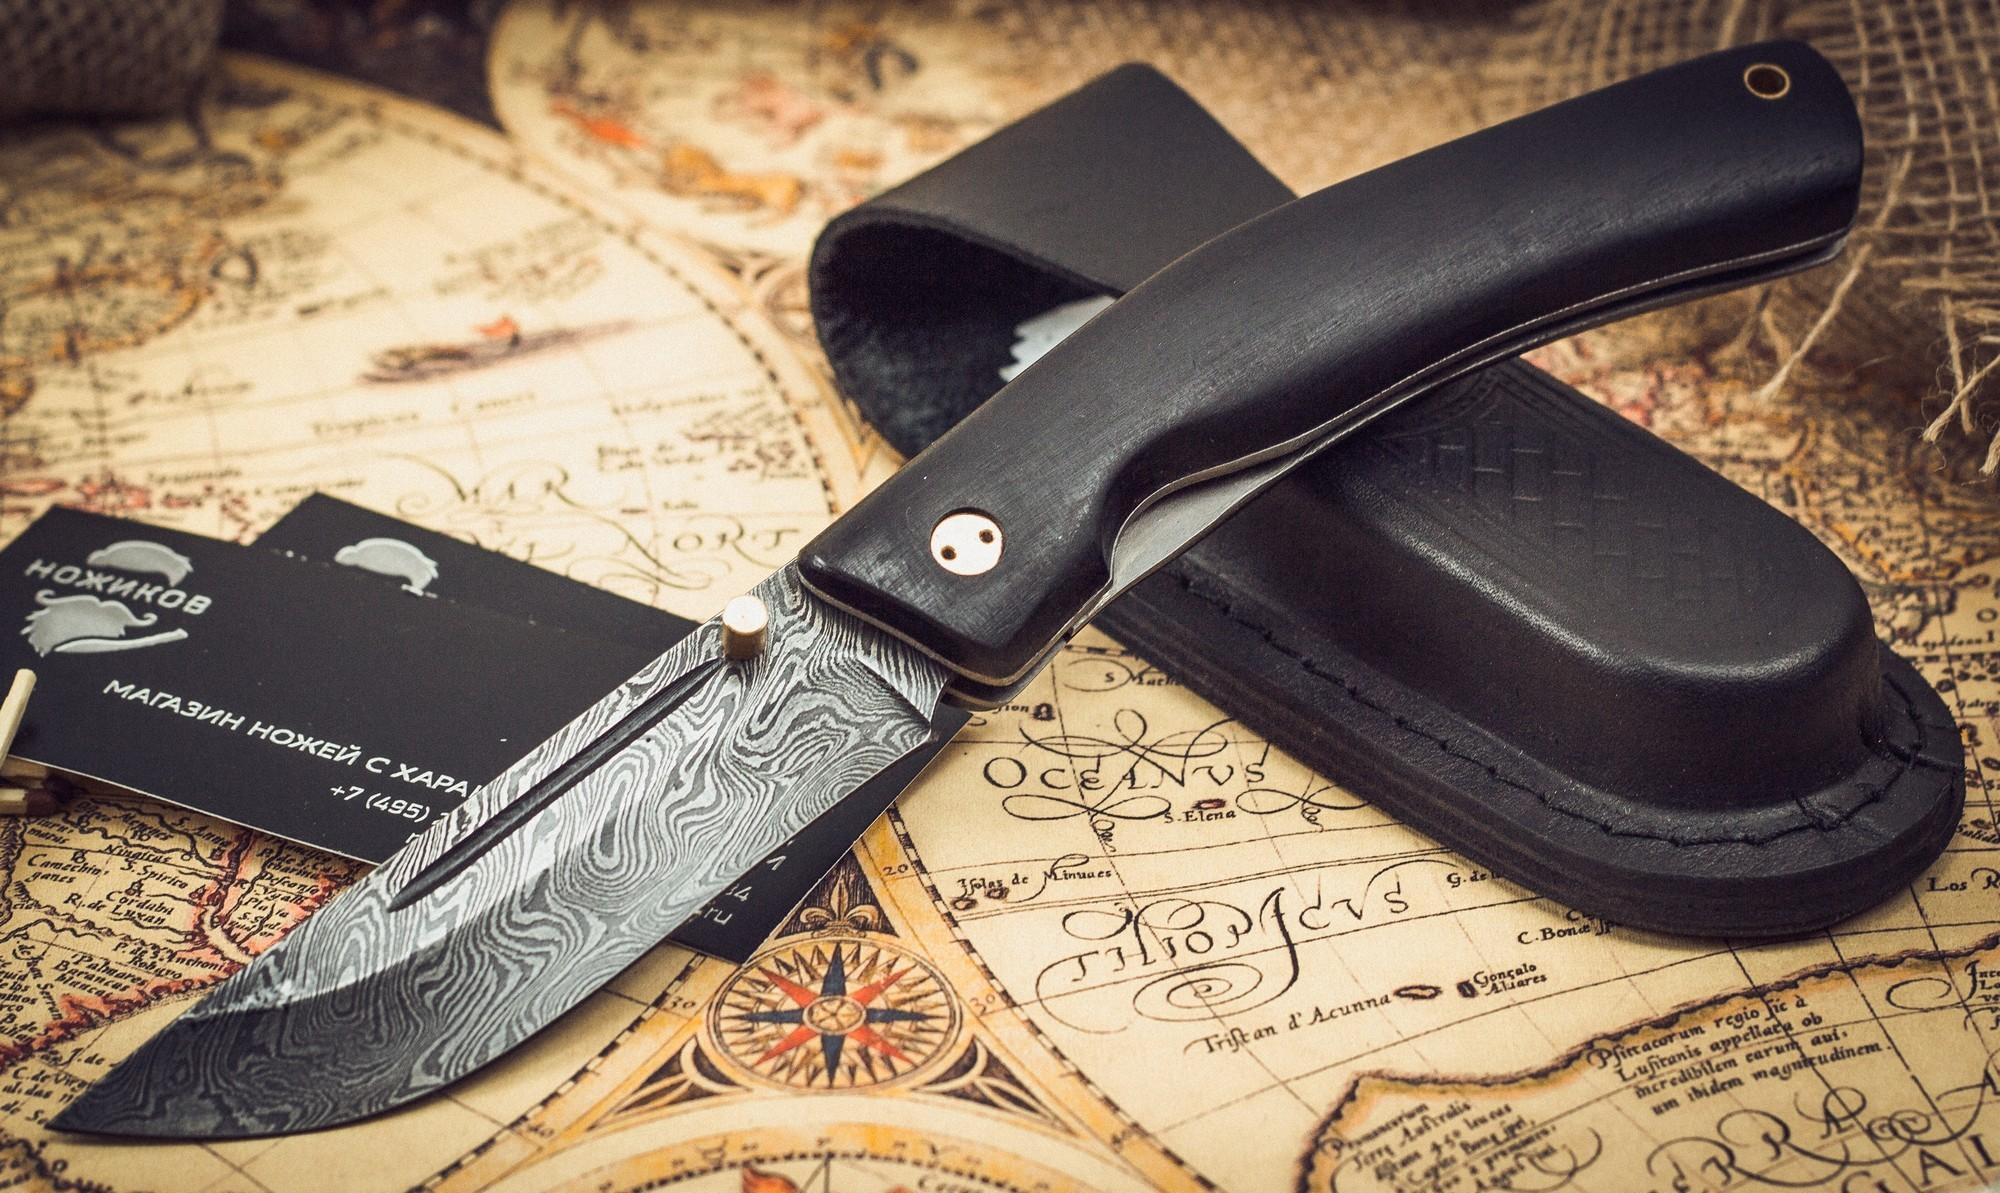 Складной нож Нижегородец, дамаск, грабРаскладные ножи<br>Складной нож «Нижегородец» относится к категории универсальных ножей, которые рассчитаны на применение в различных сферах. На охоте эта модель может использоваться в качестве вспомогательного ножа при разделке туши животного. В туристическом походе, нож пригодится в качестве вспомогательного лагерного ножа. На рыбалке такому ножу также найдется свое применение. К тому же такой нож может стать приятным и ценным подарком для настоящего мужчины. Клинок из дамасской стали и удобный кожаный чехол, несомненно, повышают ценность такого ножа.<br>